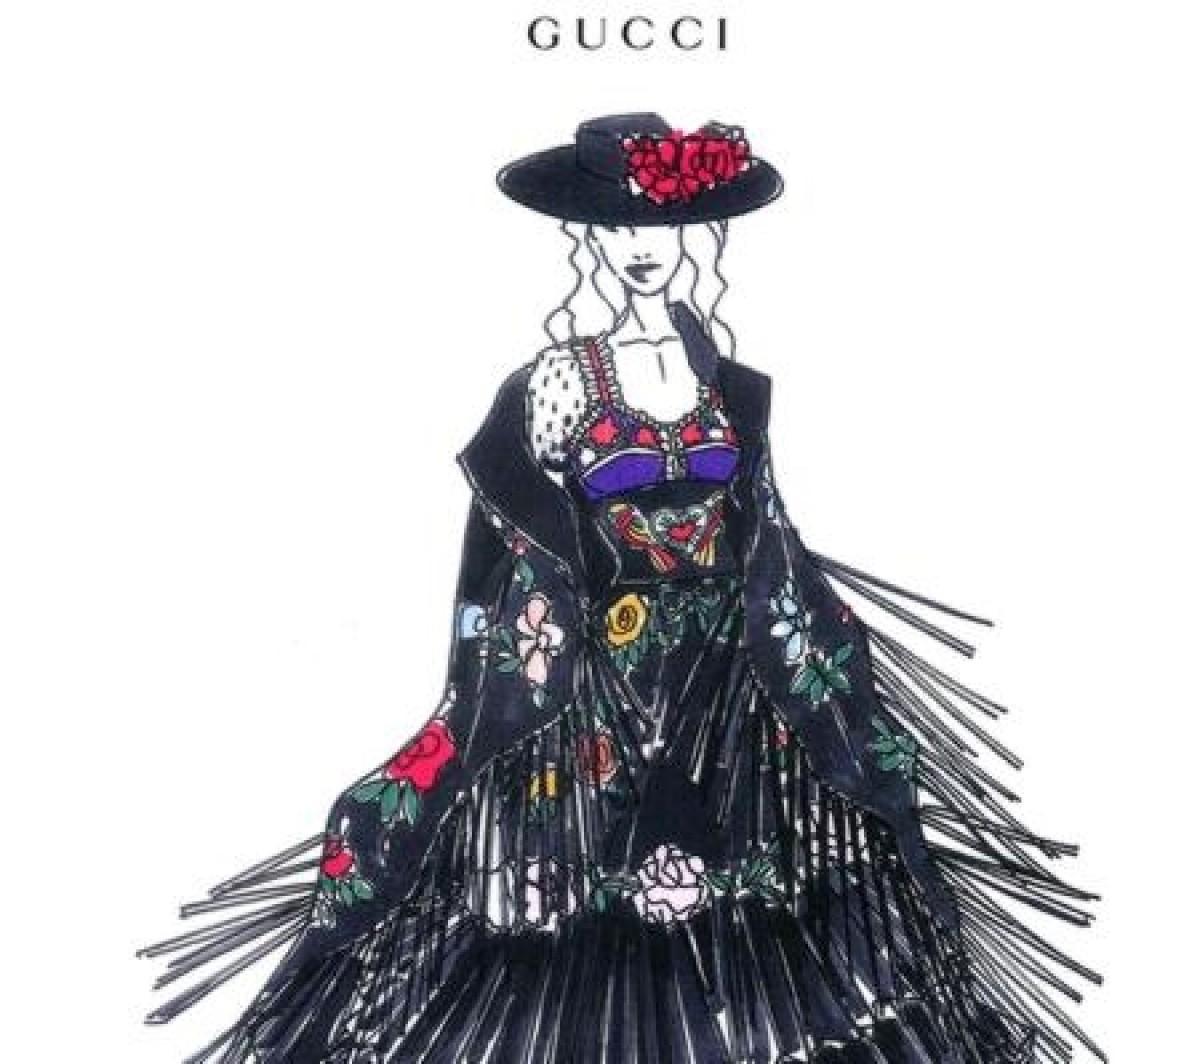 Gucci viste a Madonna en su nueva gira